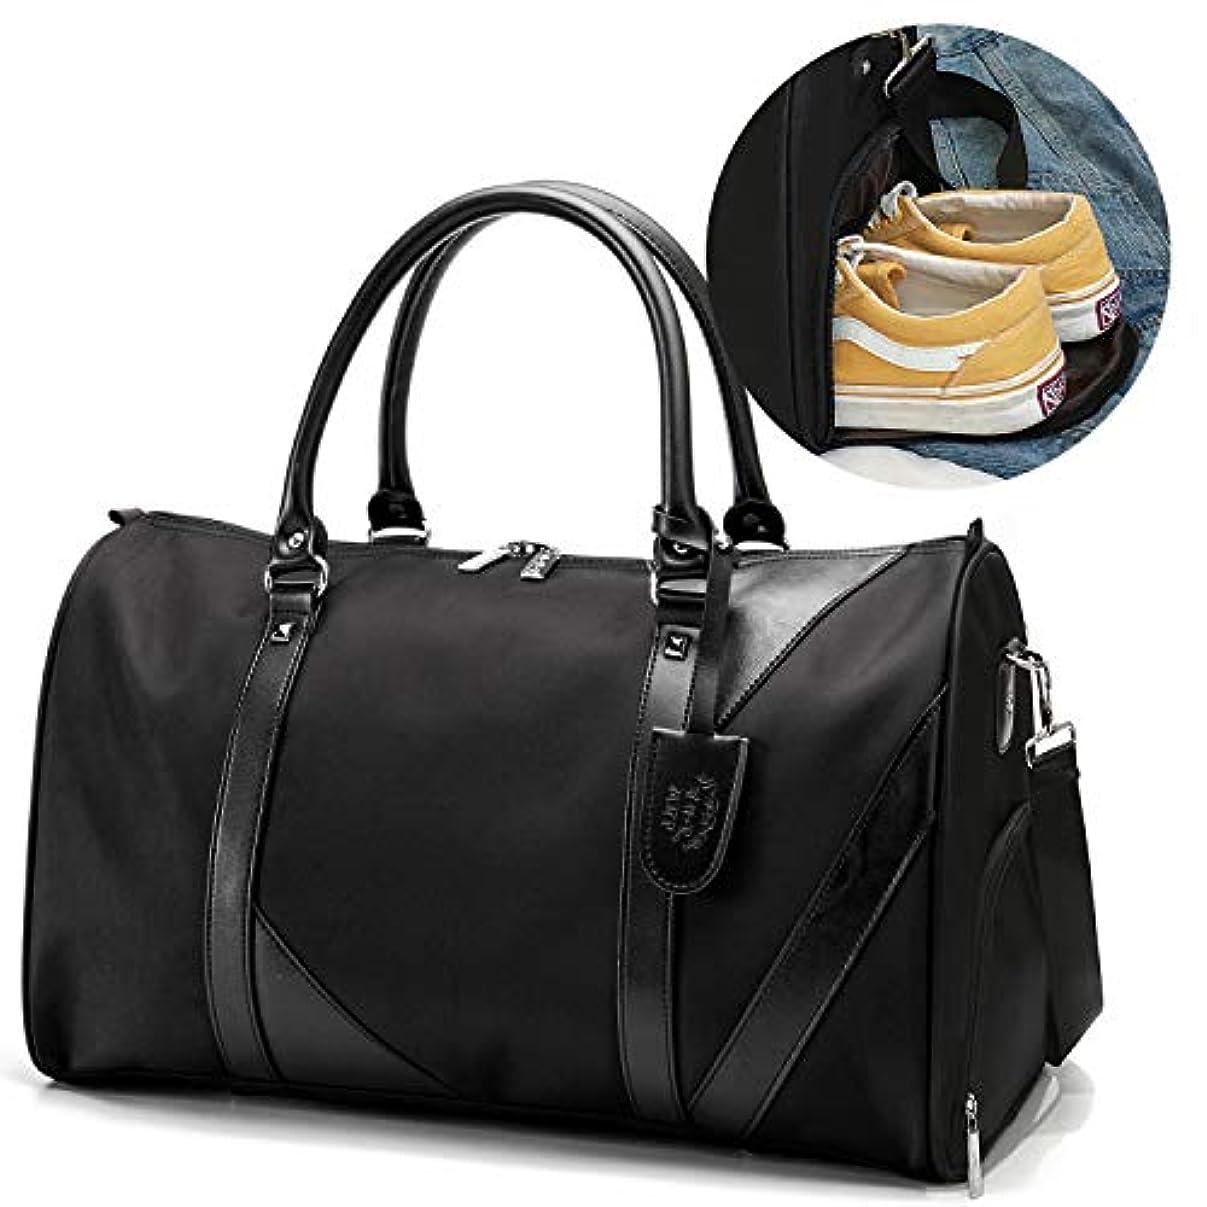 とティーム出発モニカ[TcIFE]ボストンバッグ レディース メンズ スポーツダッフルバッグ ガーメントバッグ 大容量 修学 旅行トラベルバッグ シューズ収納バッグ